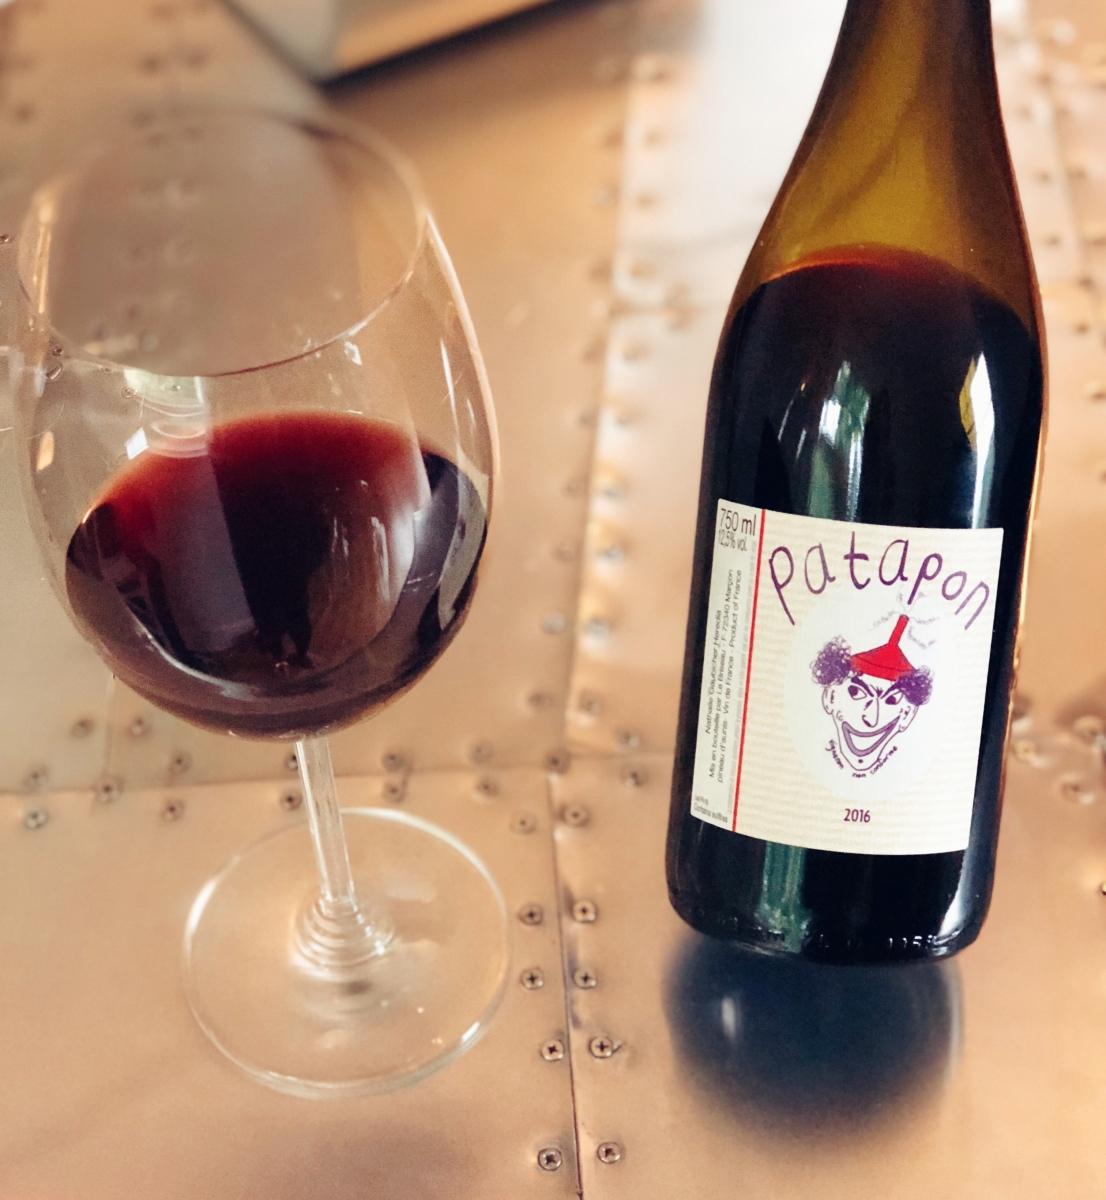 Le Briseau 'Patapon' Vin de France 2016